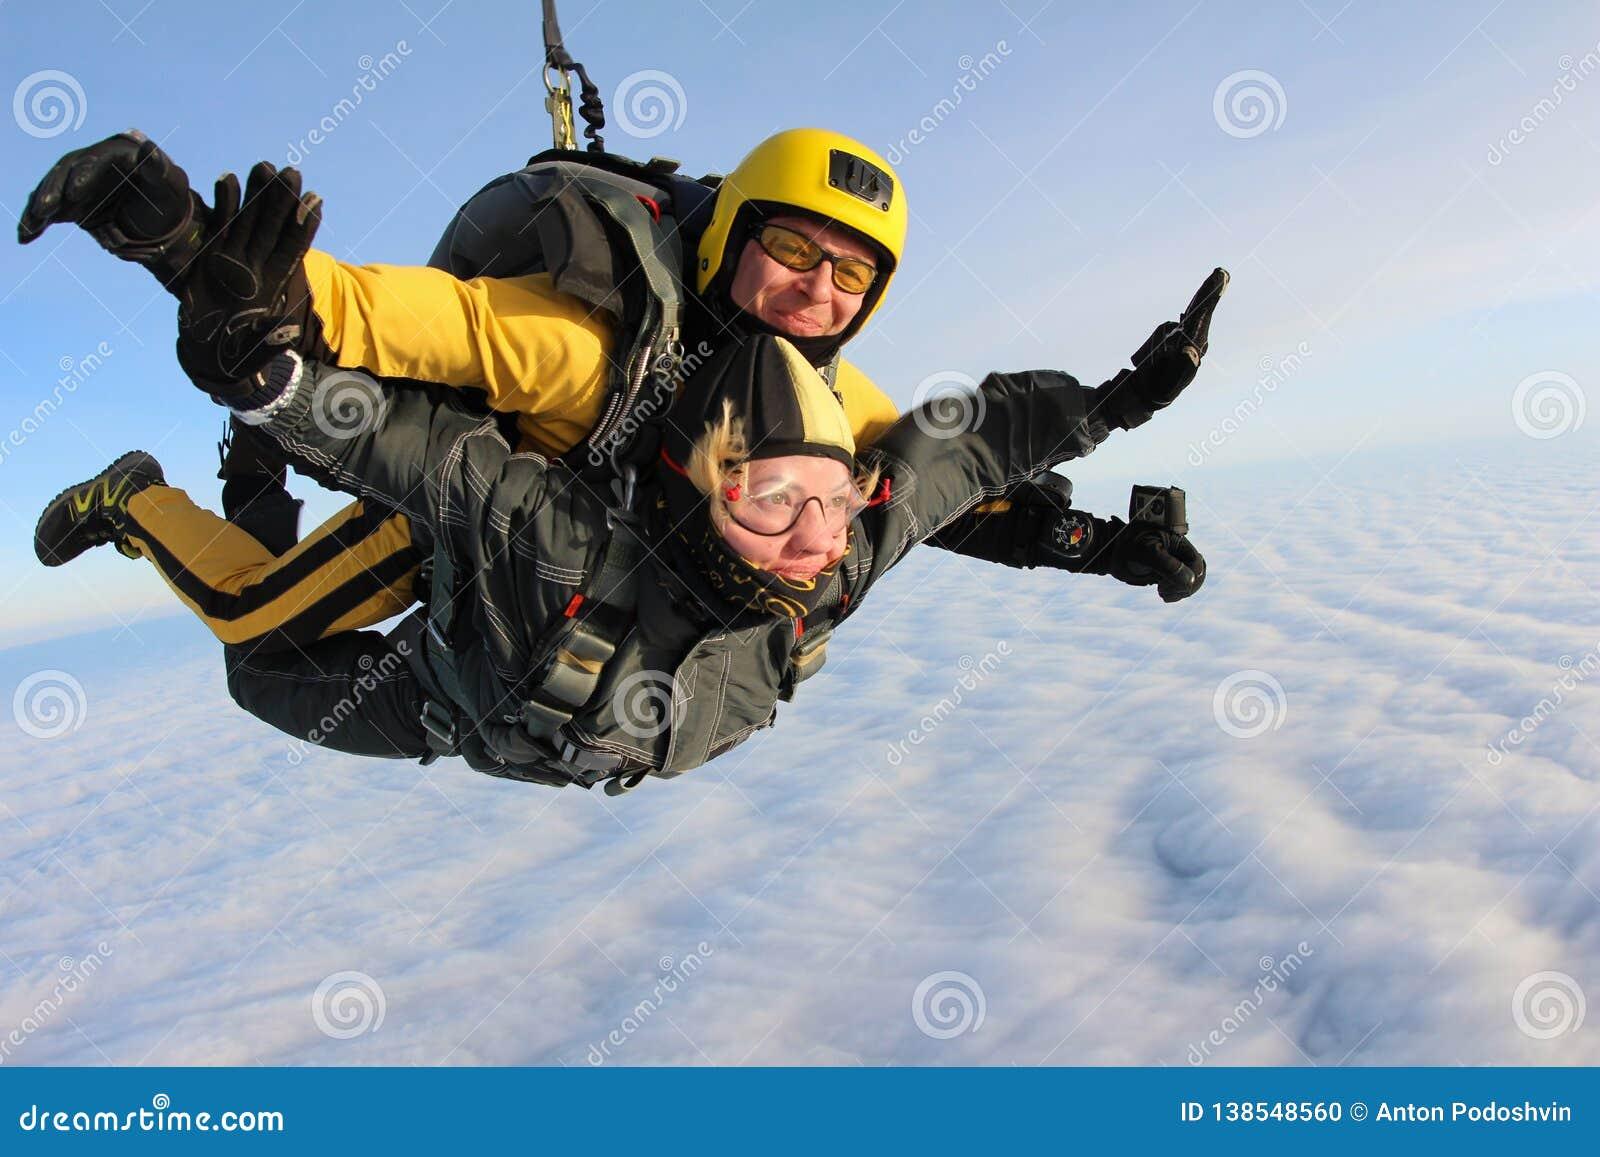 纵排skydiving 跳伞运动员在白色云彩上飞行